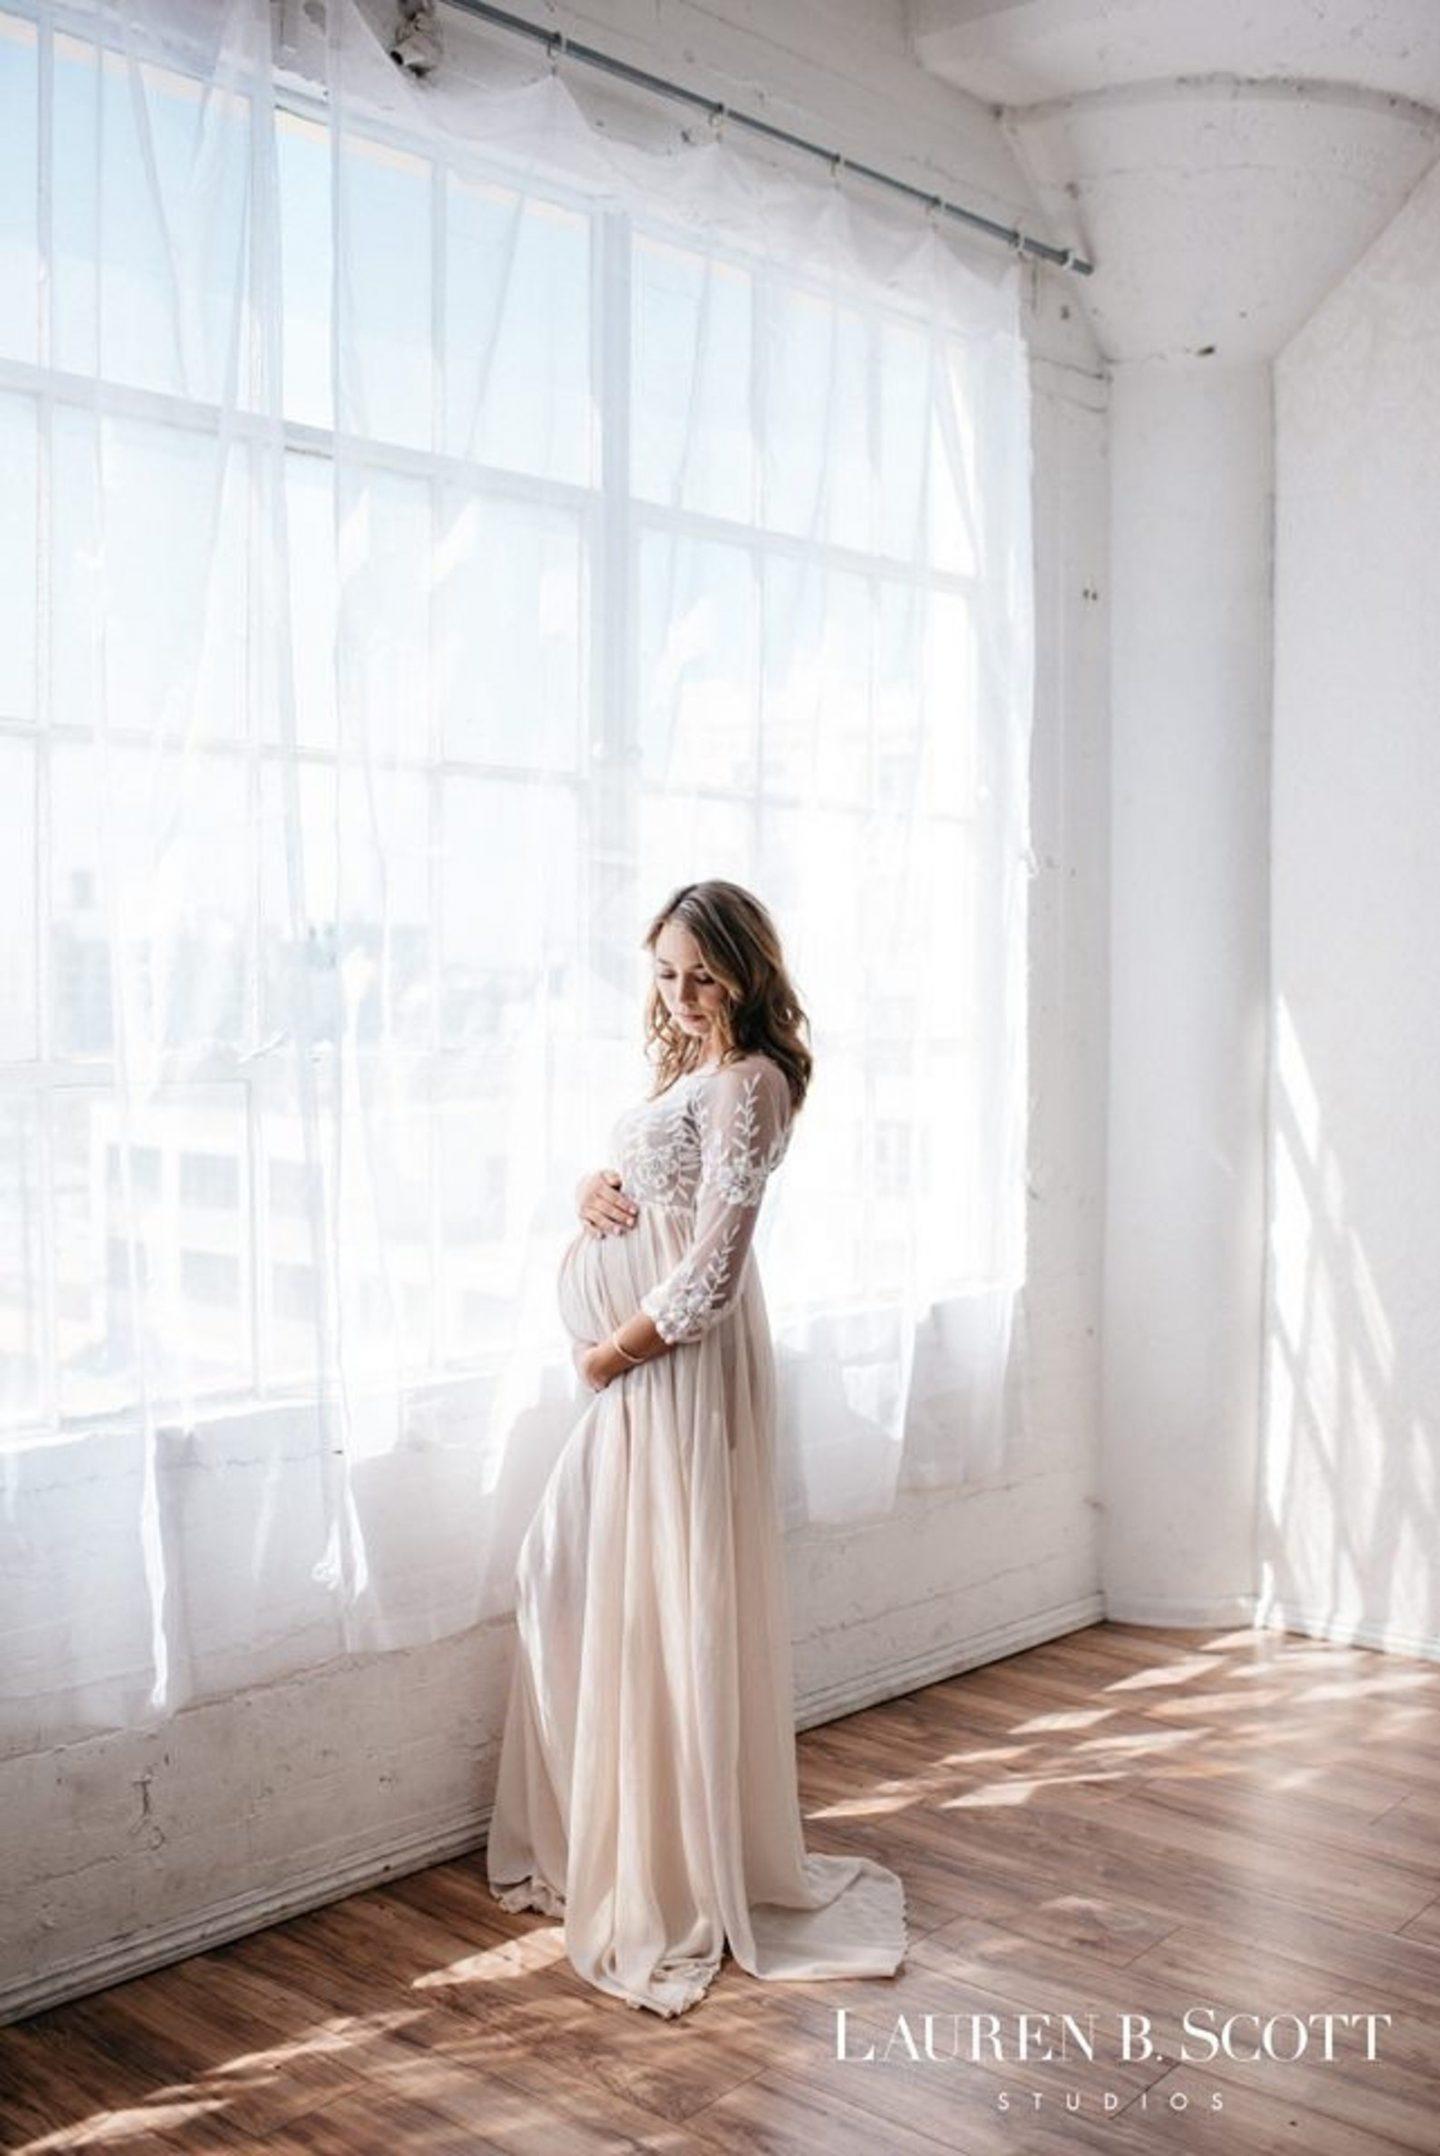 White lace maternity photo shoot dress